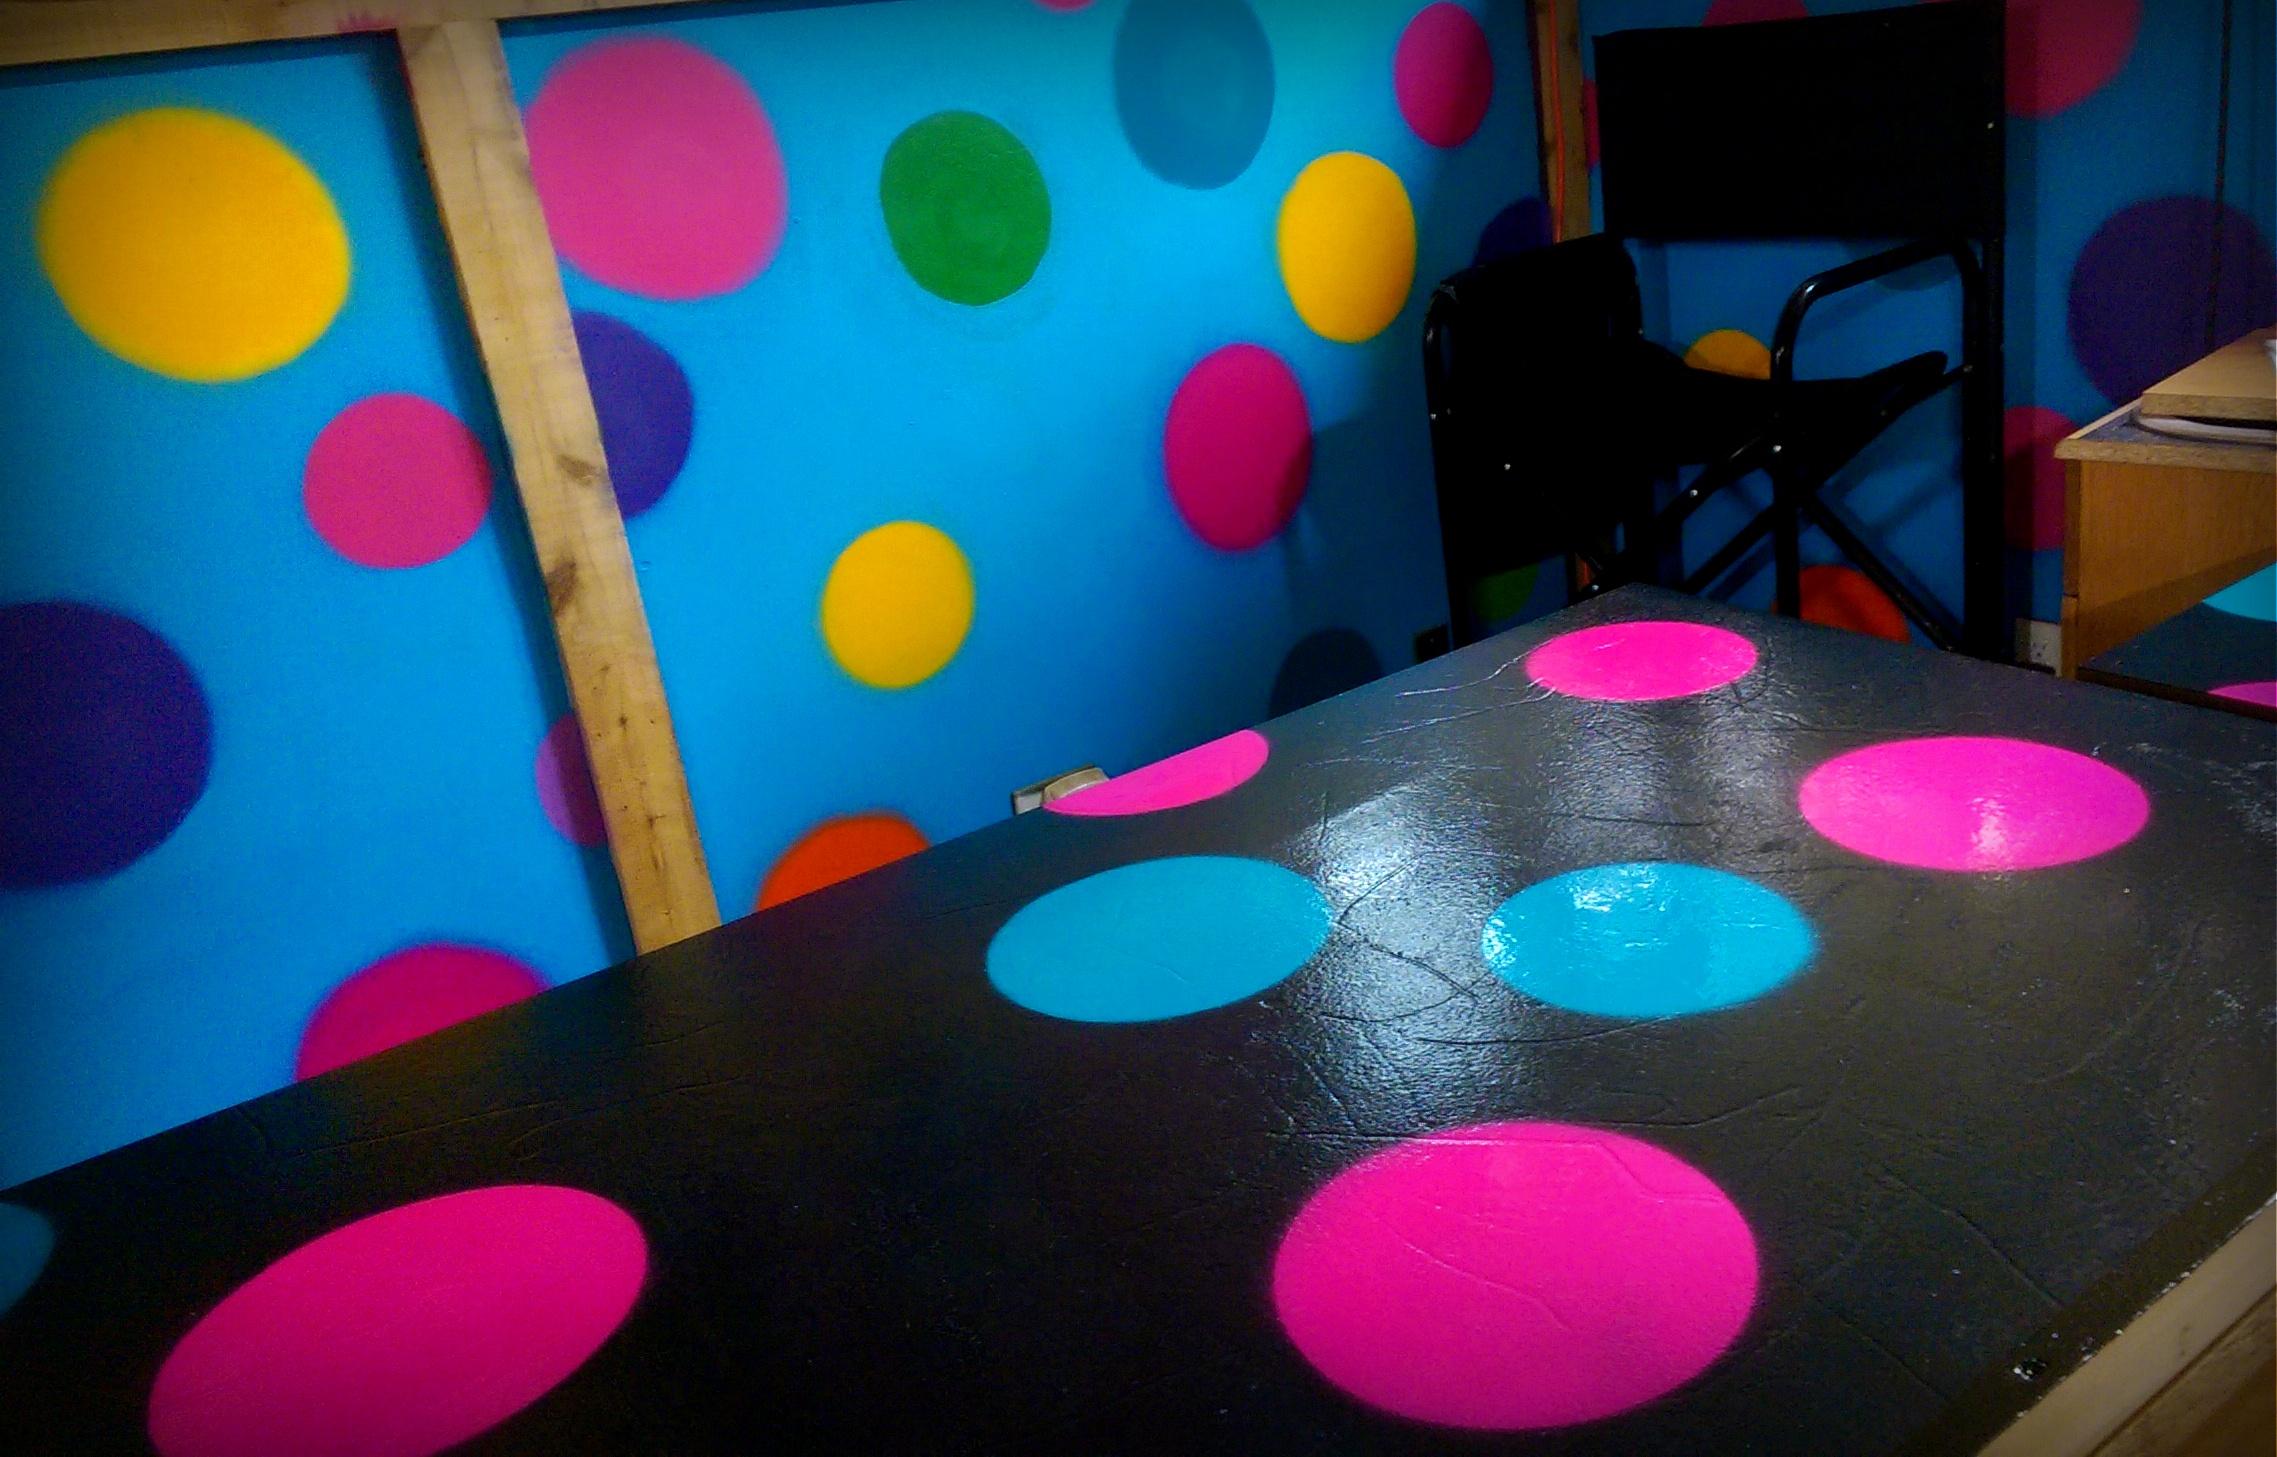 Polka dots at face painting booth at the Calgary farmers market